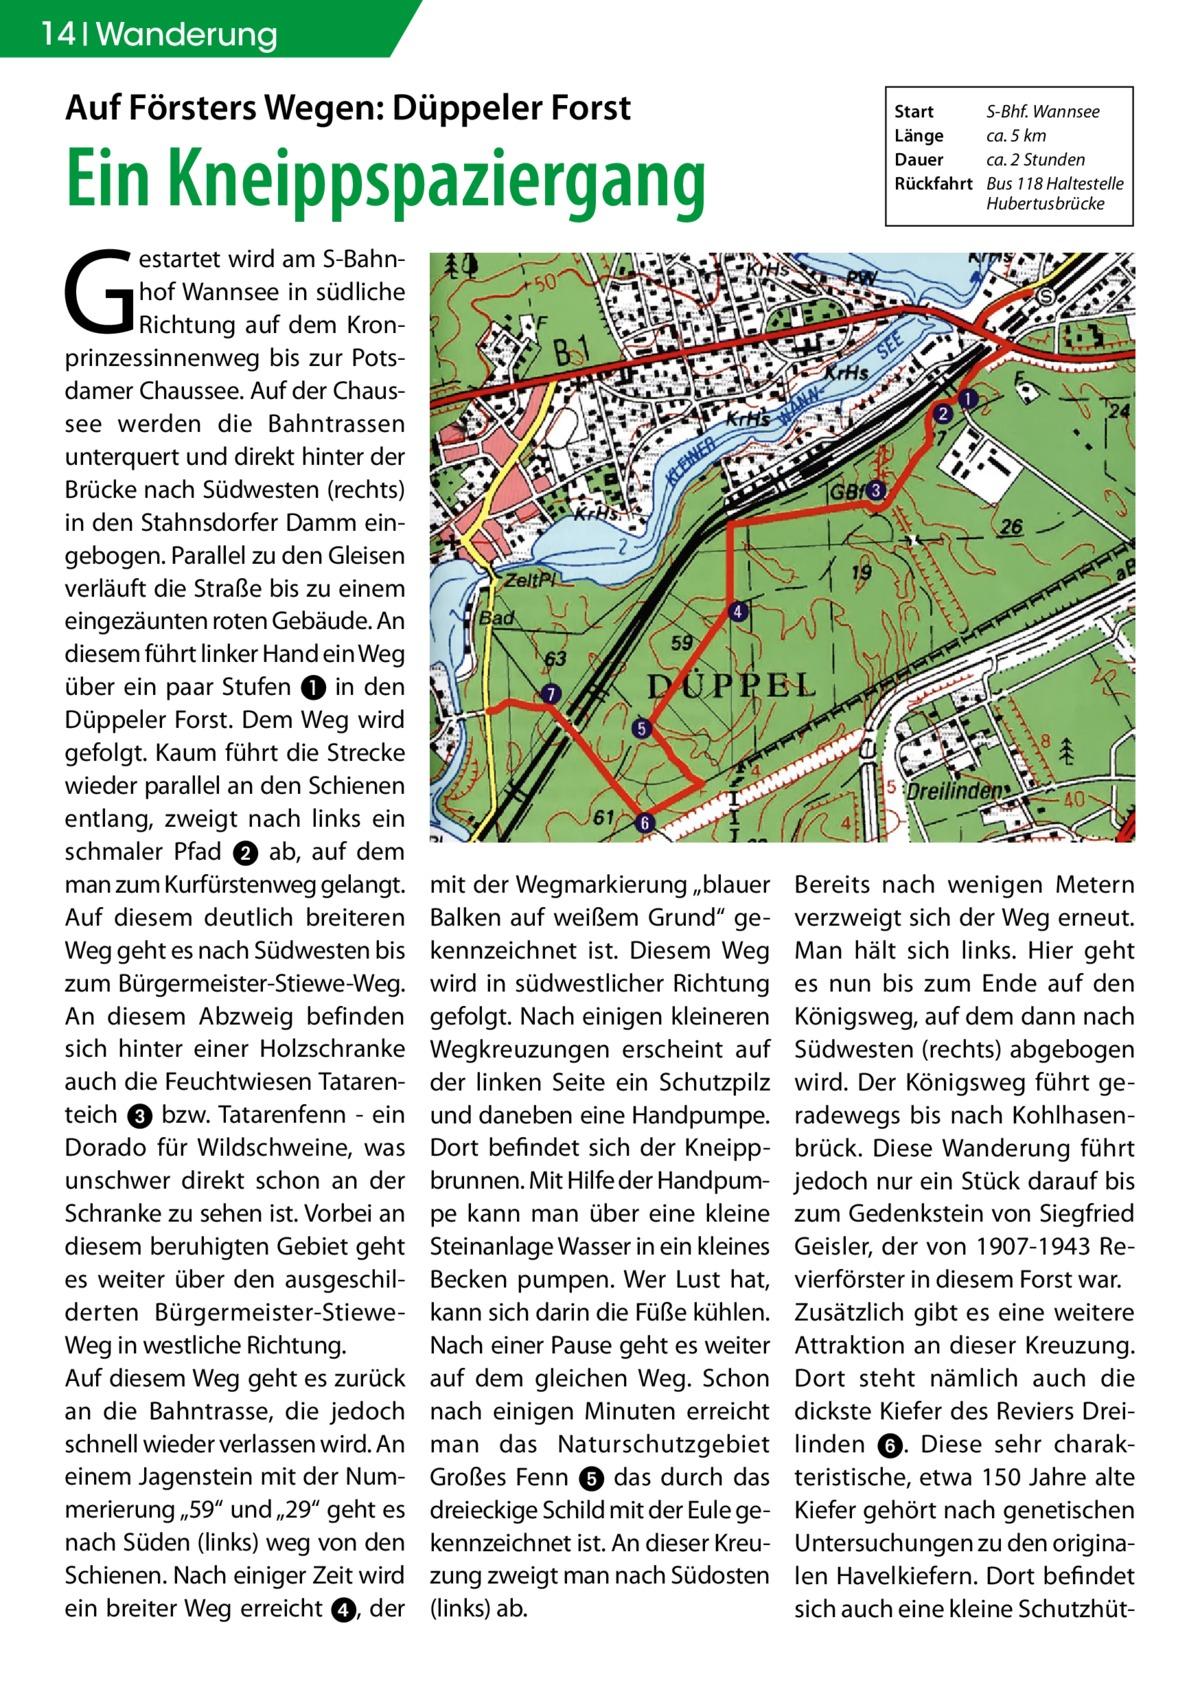 """14 Wanderung  Auf Försters Wegen: Düppeler Forst  Ein Kneippspaziergang  Start S-Bhf. Wannsee Länge ca. 5 km Dauer ca. 2 Stunden Rückfahrt Bus 118 Haltestelle Hubertusbrücke  G  estartet wird am S-Bahnhof Wannsee in südliche Richtung auf dem Kronprinzessinnenweg bis zur Potsdamer Chaussee. Auf der Chaussee werden die Bahntrassen unterquert und direkt hinter der Brücke nach Südwesten (rechts) in den Stahnsdorfer Damm eingebogen. Parallel zu den Gleisen verläuft die Straße bis zu einem eingezäunten roten Gebäude. An diesem führt linker Hand ein Weg über ein paar Stufen ❶ in den Düppeler Forst. Dem Weg wird gefolgt. Kaum führt die Strecke wieder parallel an den Schienen entlang, zweigt nach links ein schmaler Pfad 2 ab, auf dem man zum Kurfürstenweg gelangt. Auf diesem deutlich breiteren Weg geht es nach Südwesten bis zum Bürgermeister-Stiewe-Weg. An diesem Abzweig befinden sich hinter einer Holzschranke auch die Feuchtwiesen Tatarenteich 3 bzw. Tatarenfenn - ein Dorado für Wildschweine, was unschwer direkt schon an der Schranke zu sehen ist. Vorbei an diesem beruhigten Gebiet geht es weiter über den ausgeschilderten Bürgermeister-StieweWeg in westliche Richtung. Auf diesem Weg geht es zurück an die Bahntrasse, die jedoch schnell wieder verlassen wird. An einem Jagenstein mit der Nummerierung """"59"""" und """"29"""" geht es nach Süden (links) weg von den Schienen. Nach einiger Zeit wird ein breiter Weg erreicht 4, der  mit der Wegmarkierung """"blauer Balken auf weißem Grund"""" gekennzeichnet ist. Diesem Weg wird in südwestlicher Richtung gefolgt. Nach einigen kleineren Wegkreuzungen erscheint auf der linken Seite ein Schutzpilz und daneben eine Handpumpe. Dort befindet sich der Kneippbrunnen. Mit Hilfe der Handpumpe kann man über eine kleine Steinanlage Wasser in ein kleines Becken pumpen. Wer Lust hat, kann sich darin die Füße kühlen. Nach einer Pause geht es weiter auf dem gleichen Weg. Schon nach einigen Minuten erreicht man das Naturschutzgebiet Großes Fenn 5 das durch das dreie"""